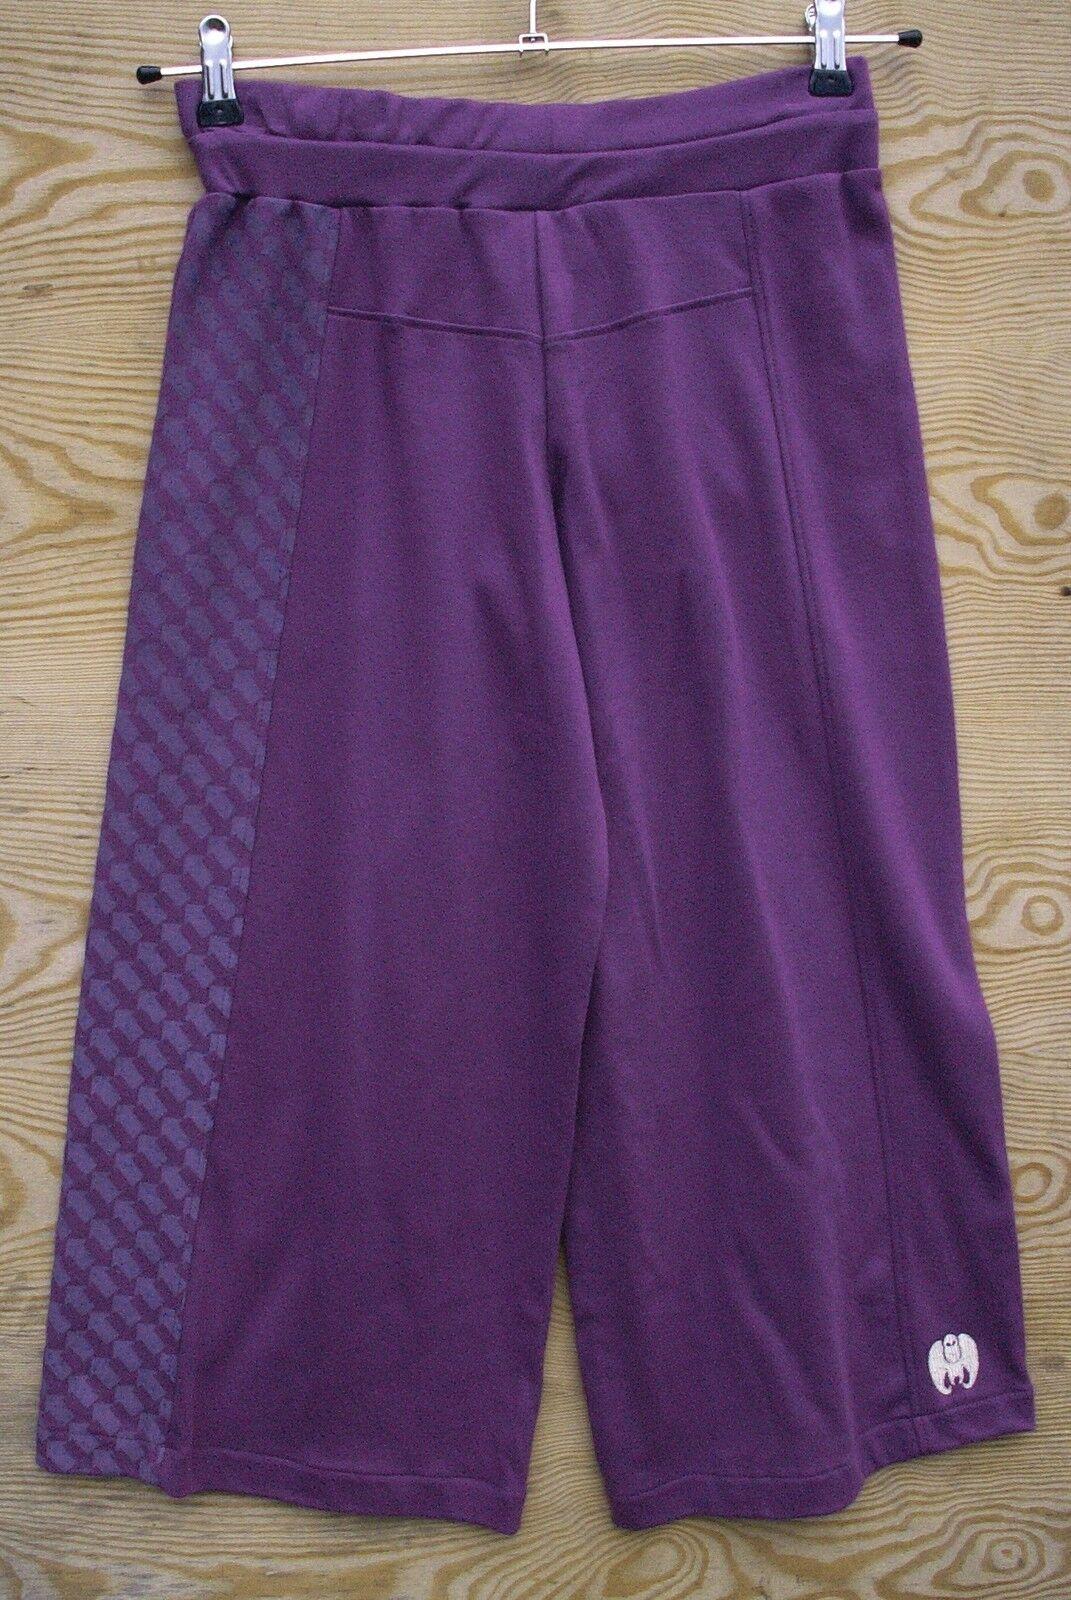 Monkee 3 4 Pantaloni per signore per arrampicata und fitnesssport